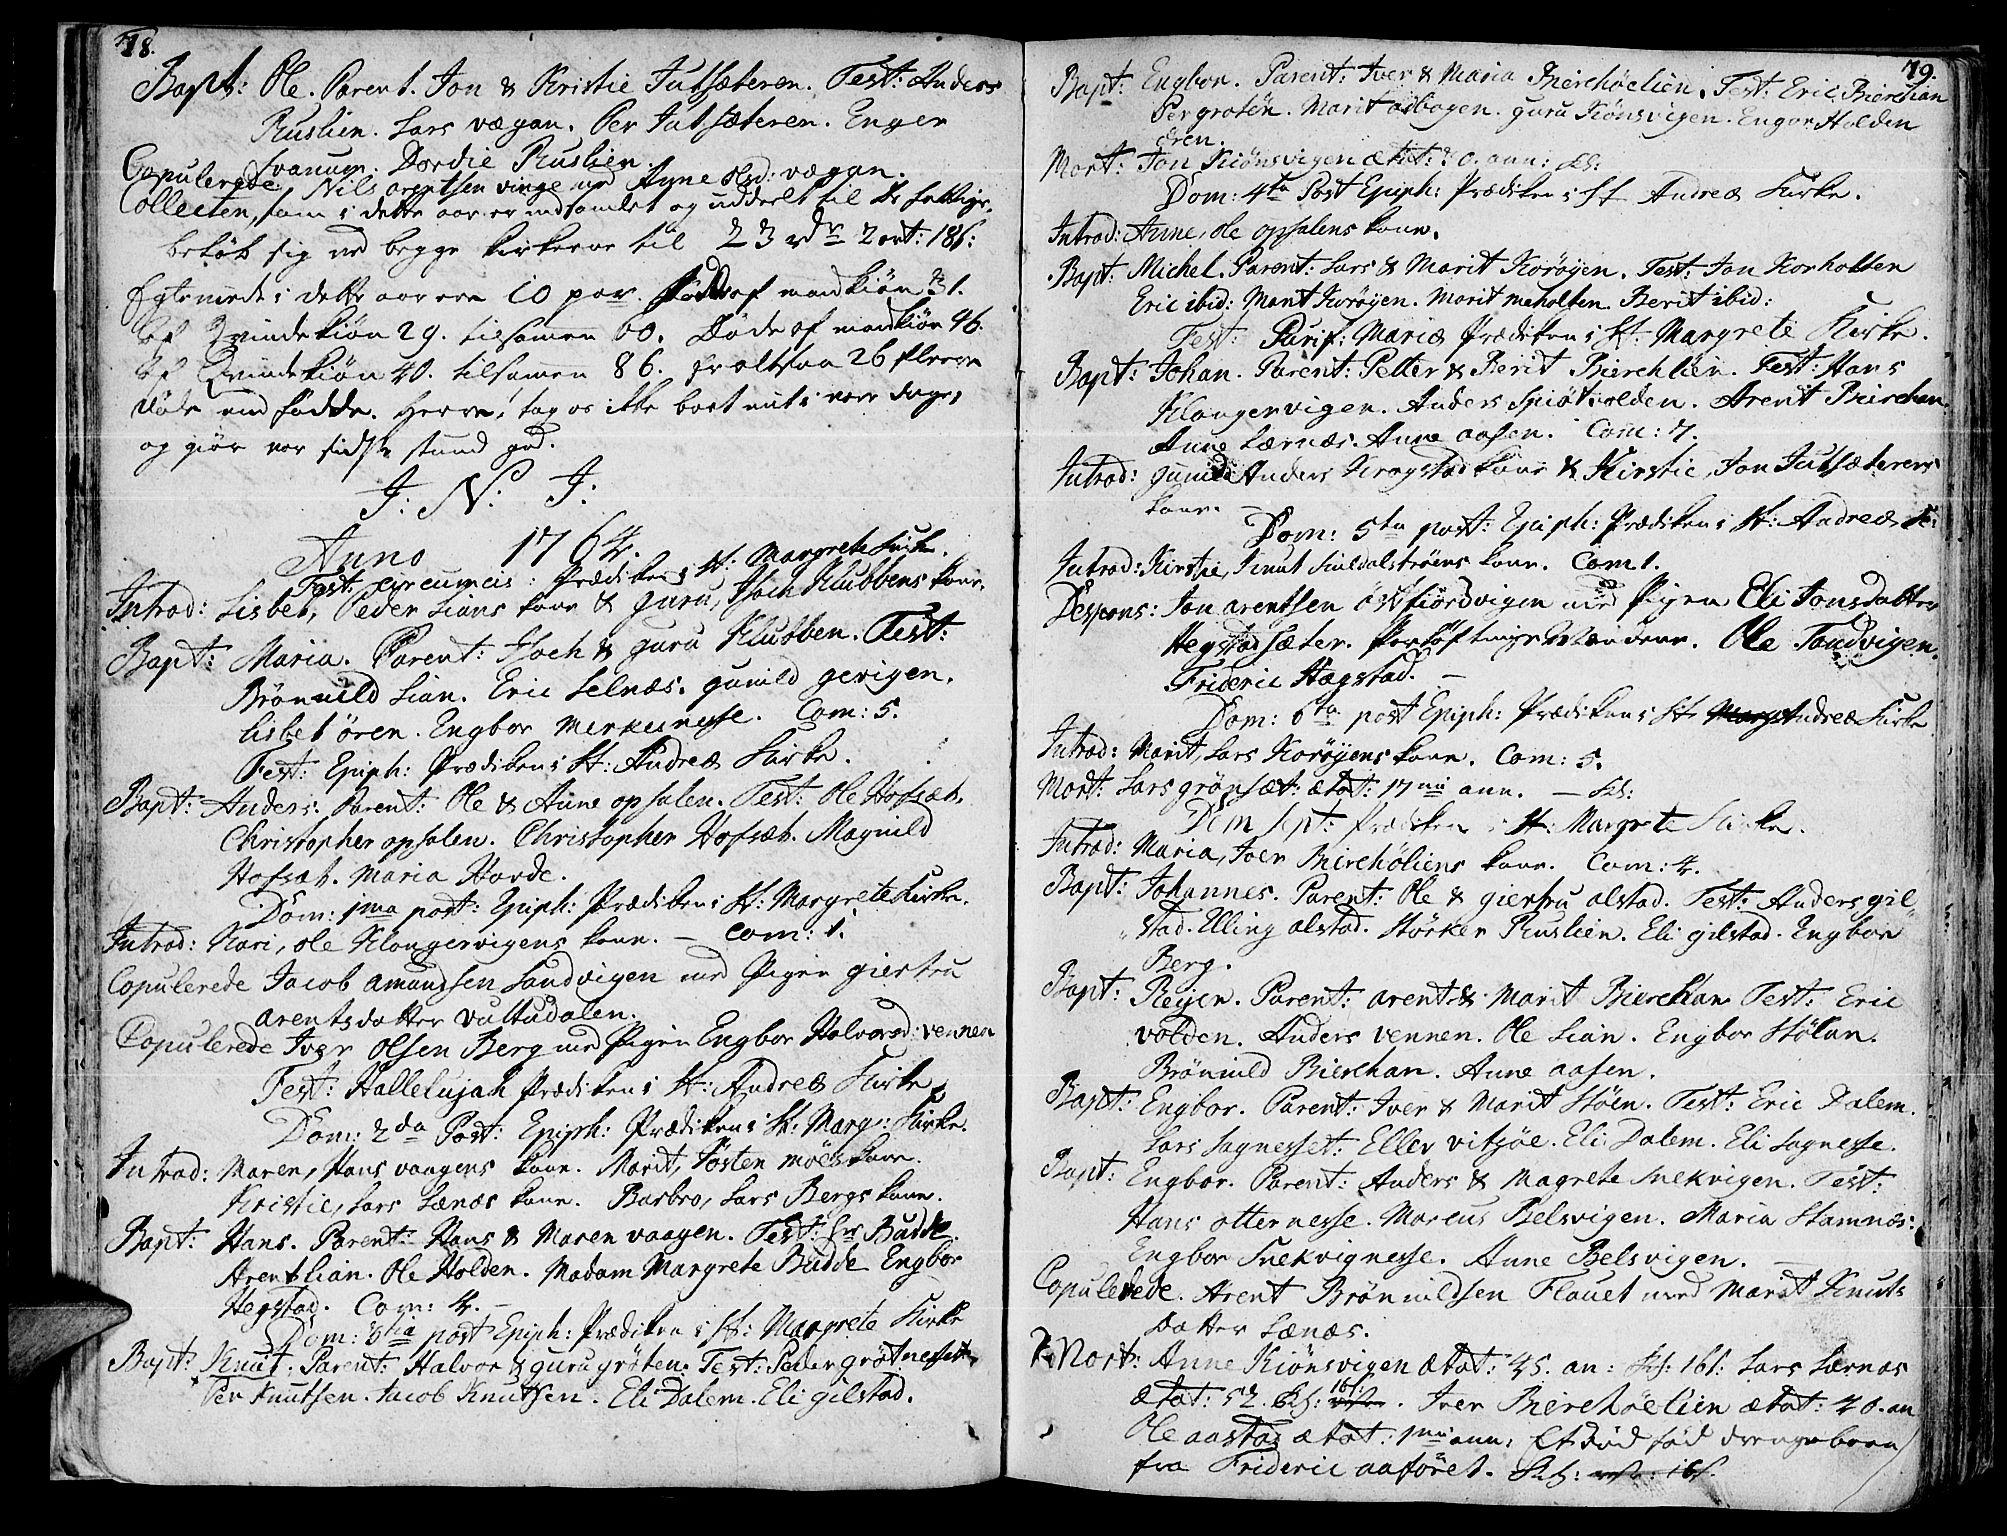 SAT, Ministerialprotokoller, klokkerbøker og fødselsregistre - Sør-Trøndelag, 630/L0489: Ministerialbok nr. 630A02, 1757-1794, s. 78-79